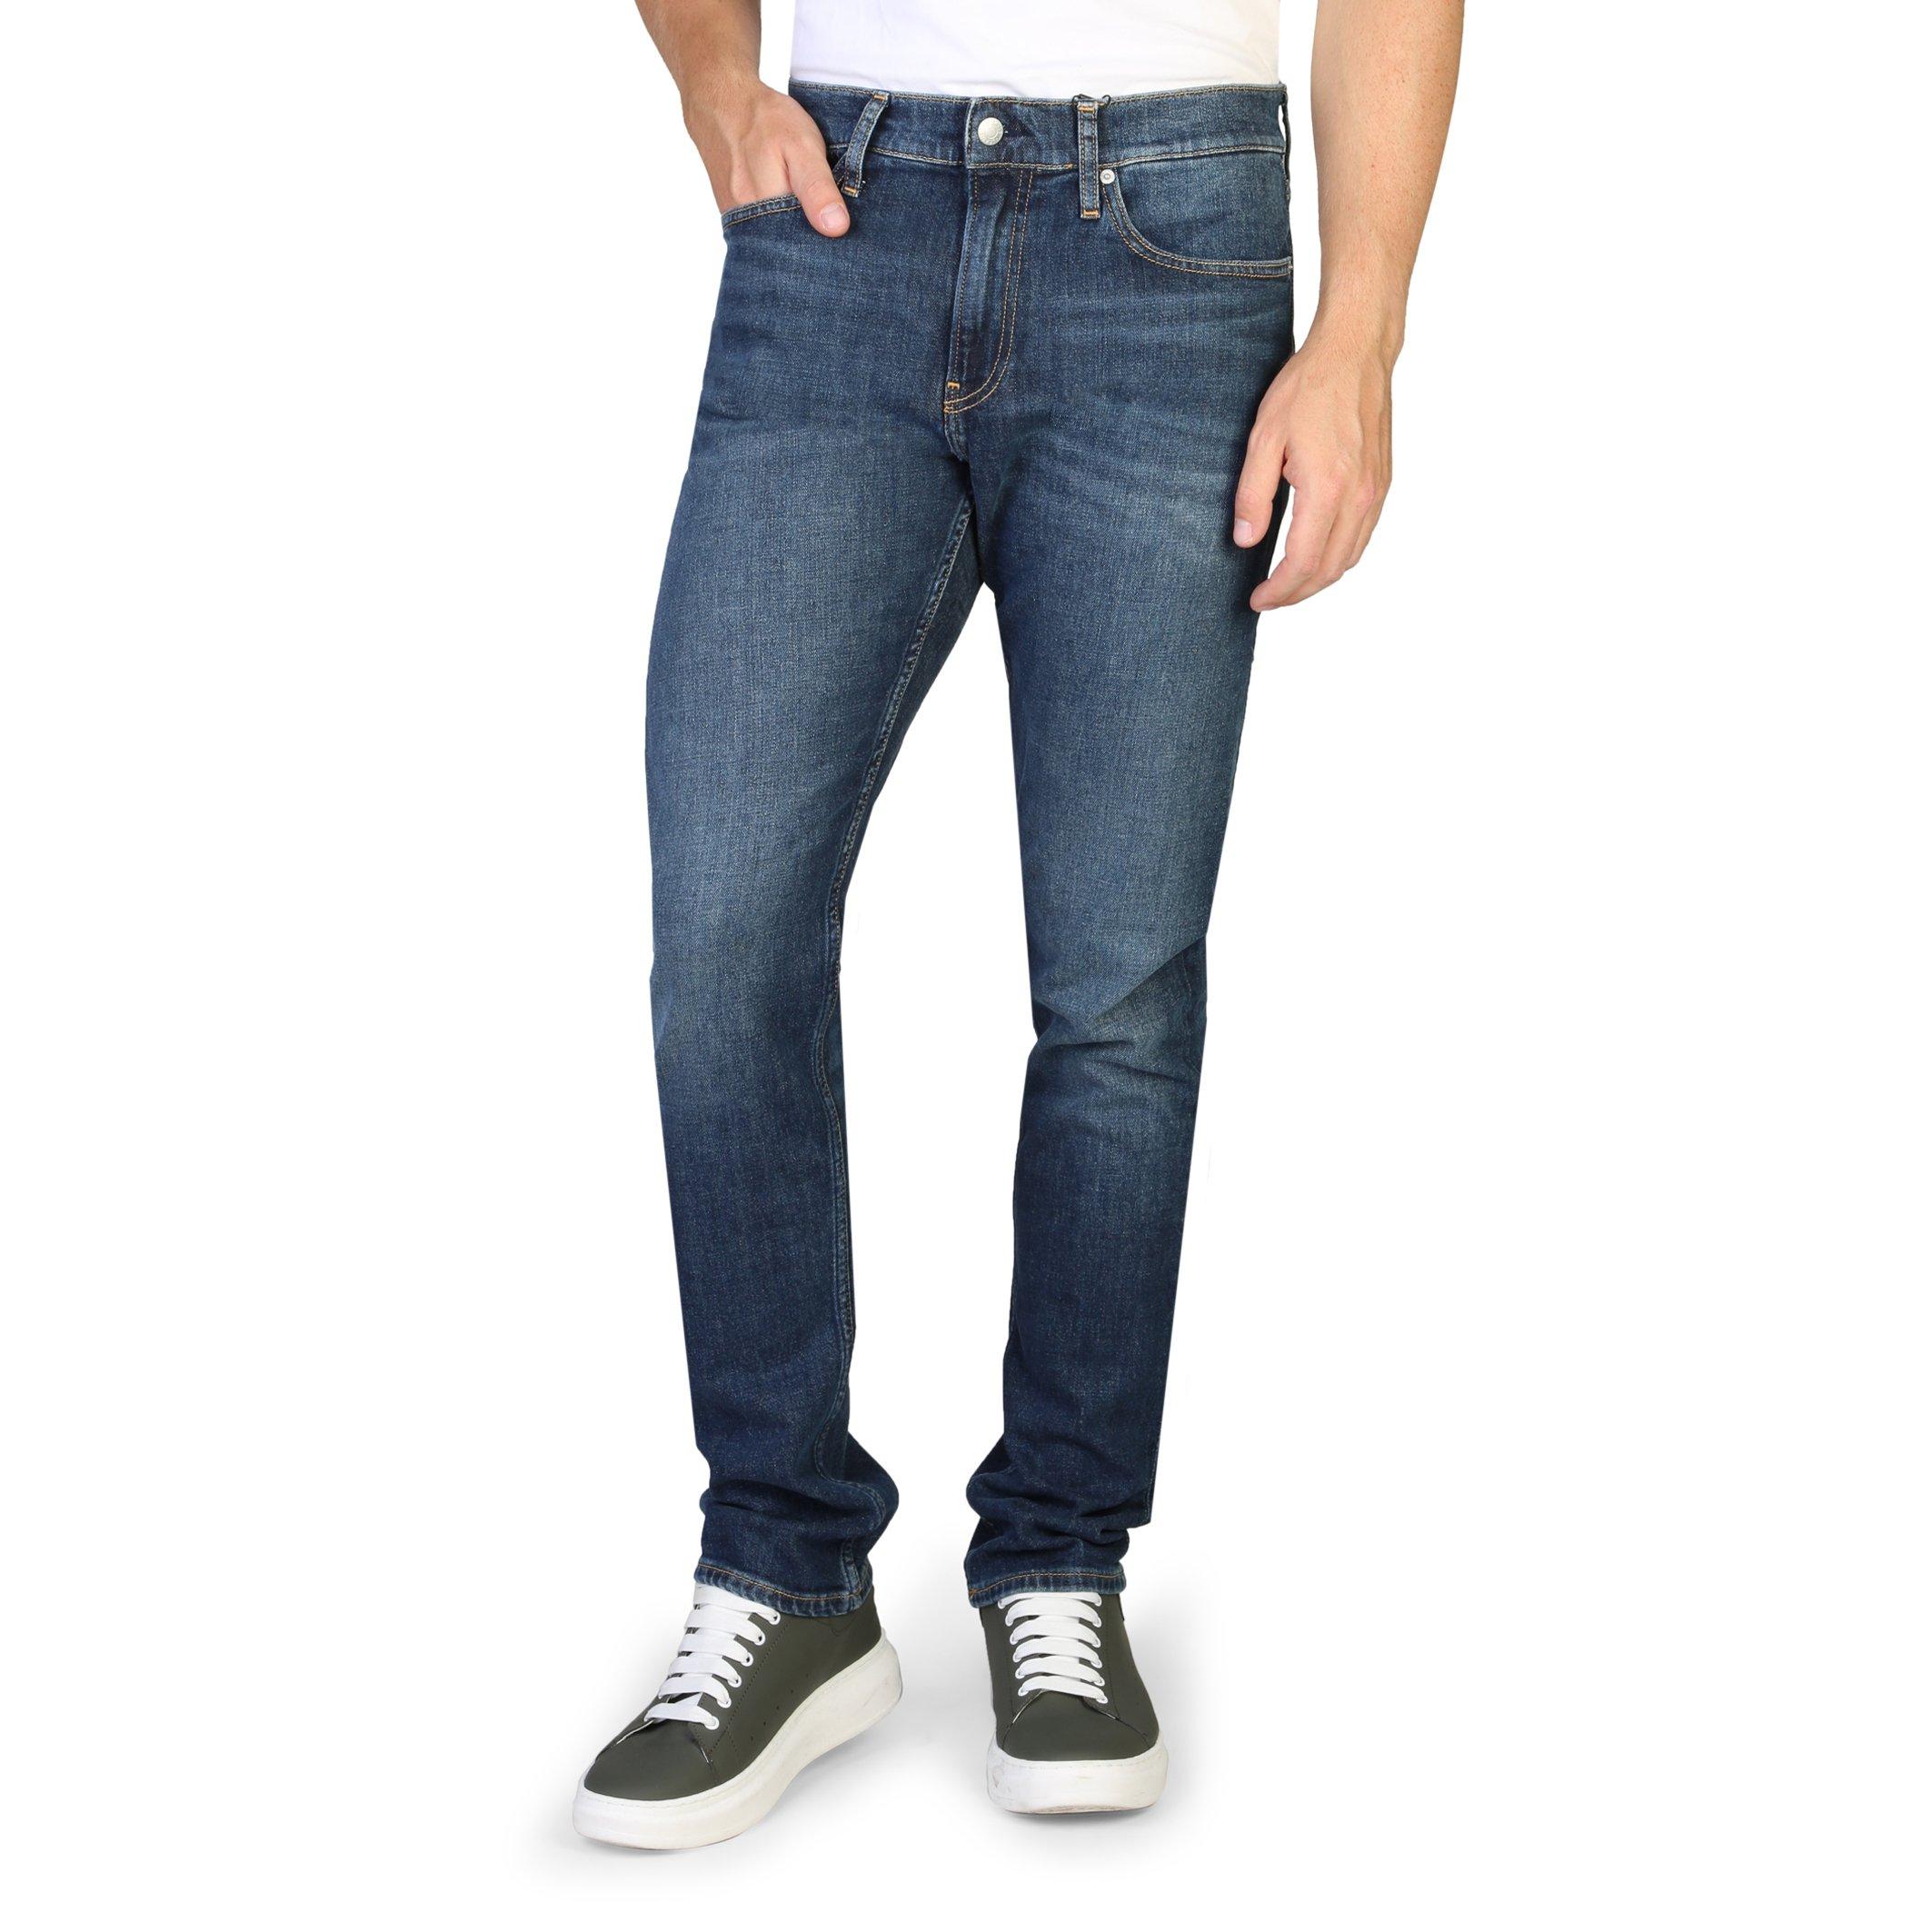 Calvin Klein Men's Jeans Blue 350078 - blue-1 28